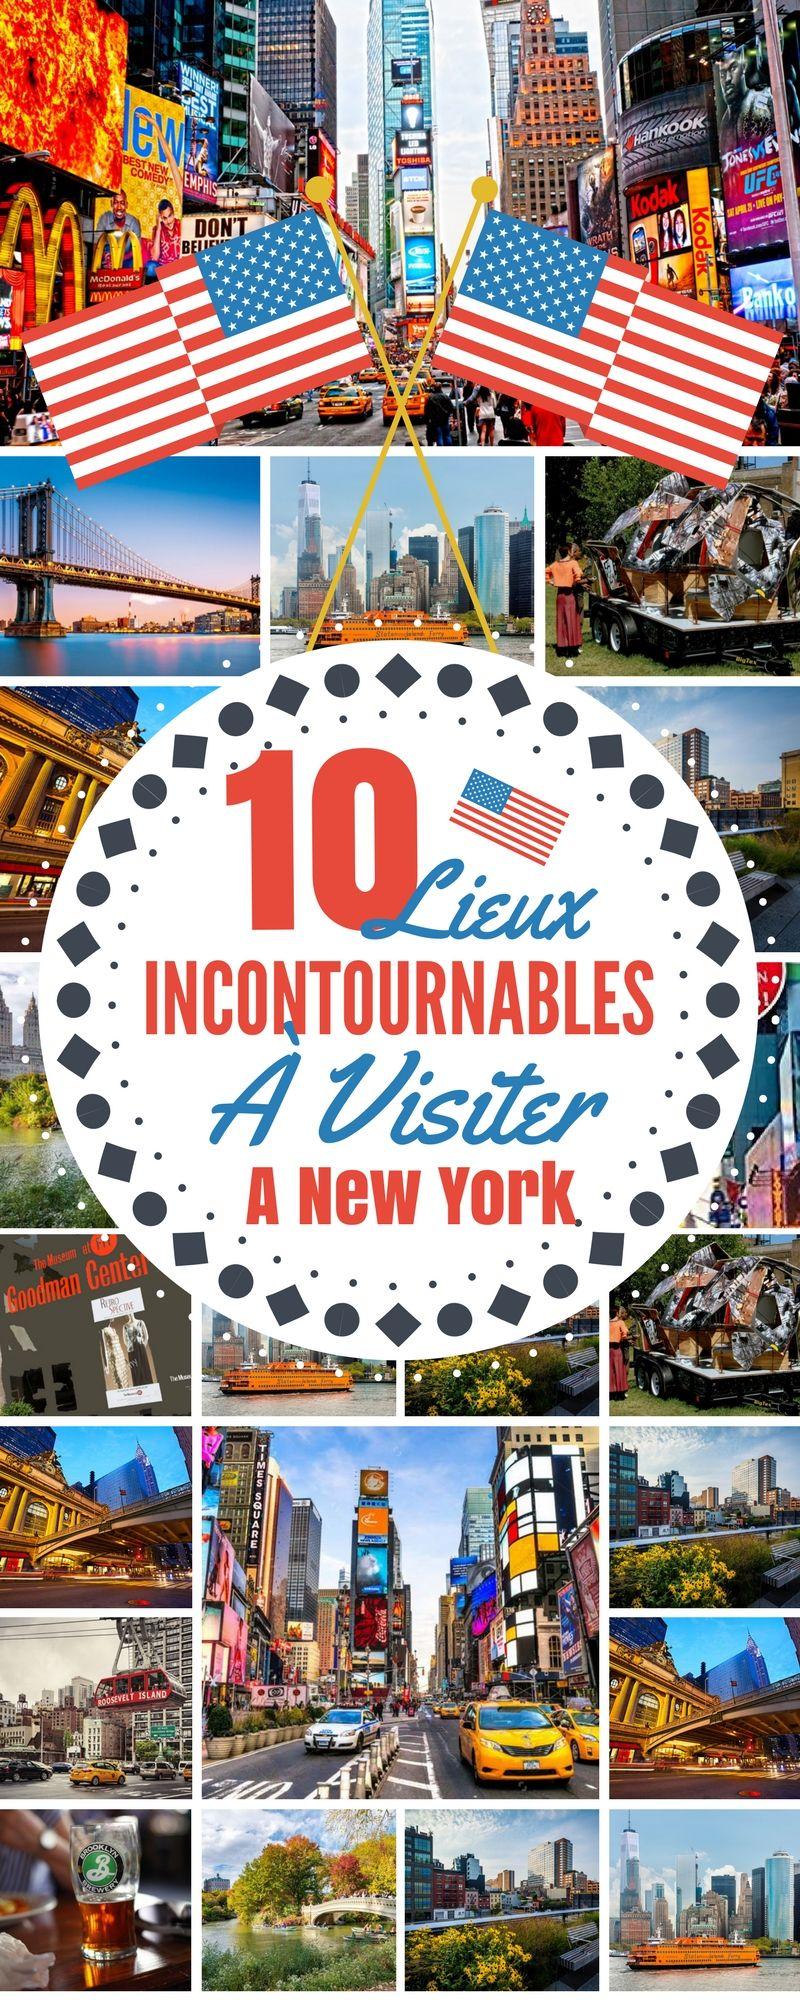 10 lieux incontournables visiter a new york ldesign best of voyage a visiter et new york. Black Bedroom Furniture Sets. Home Design Ideas